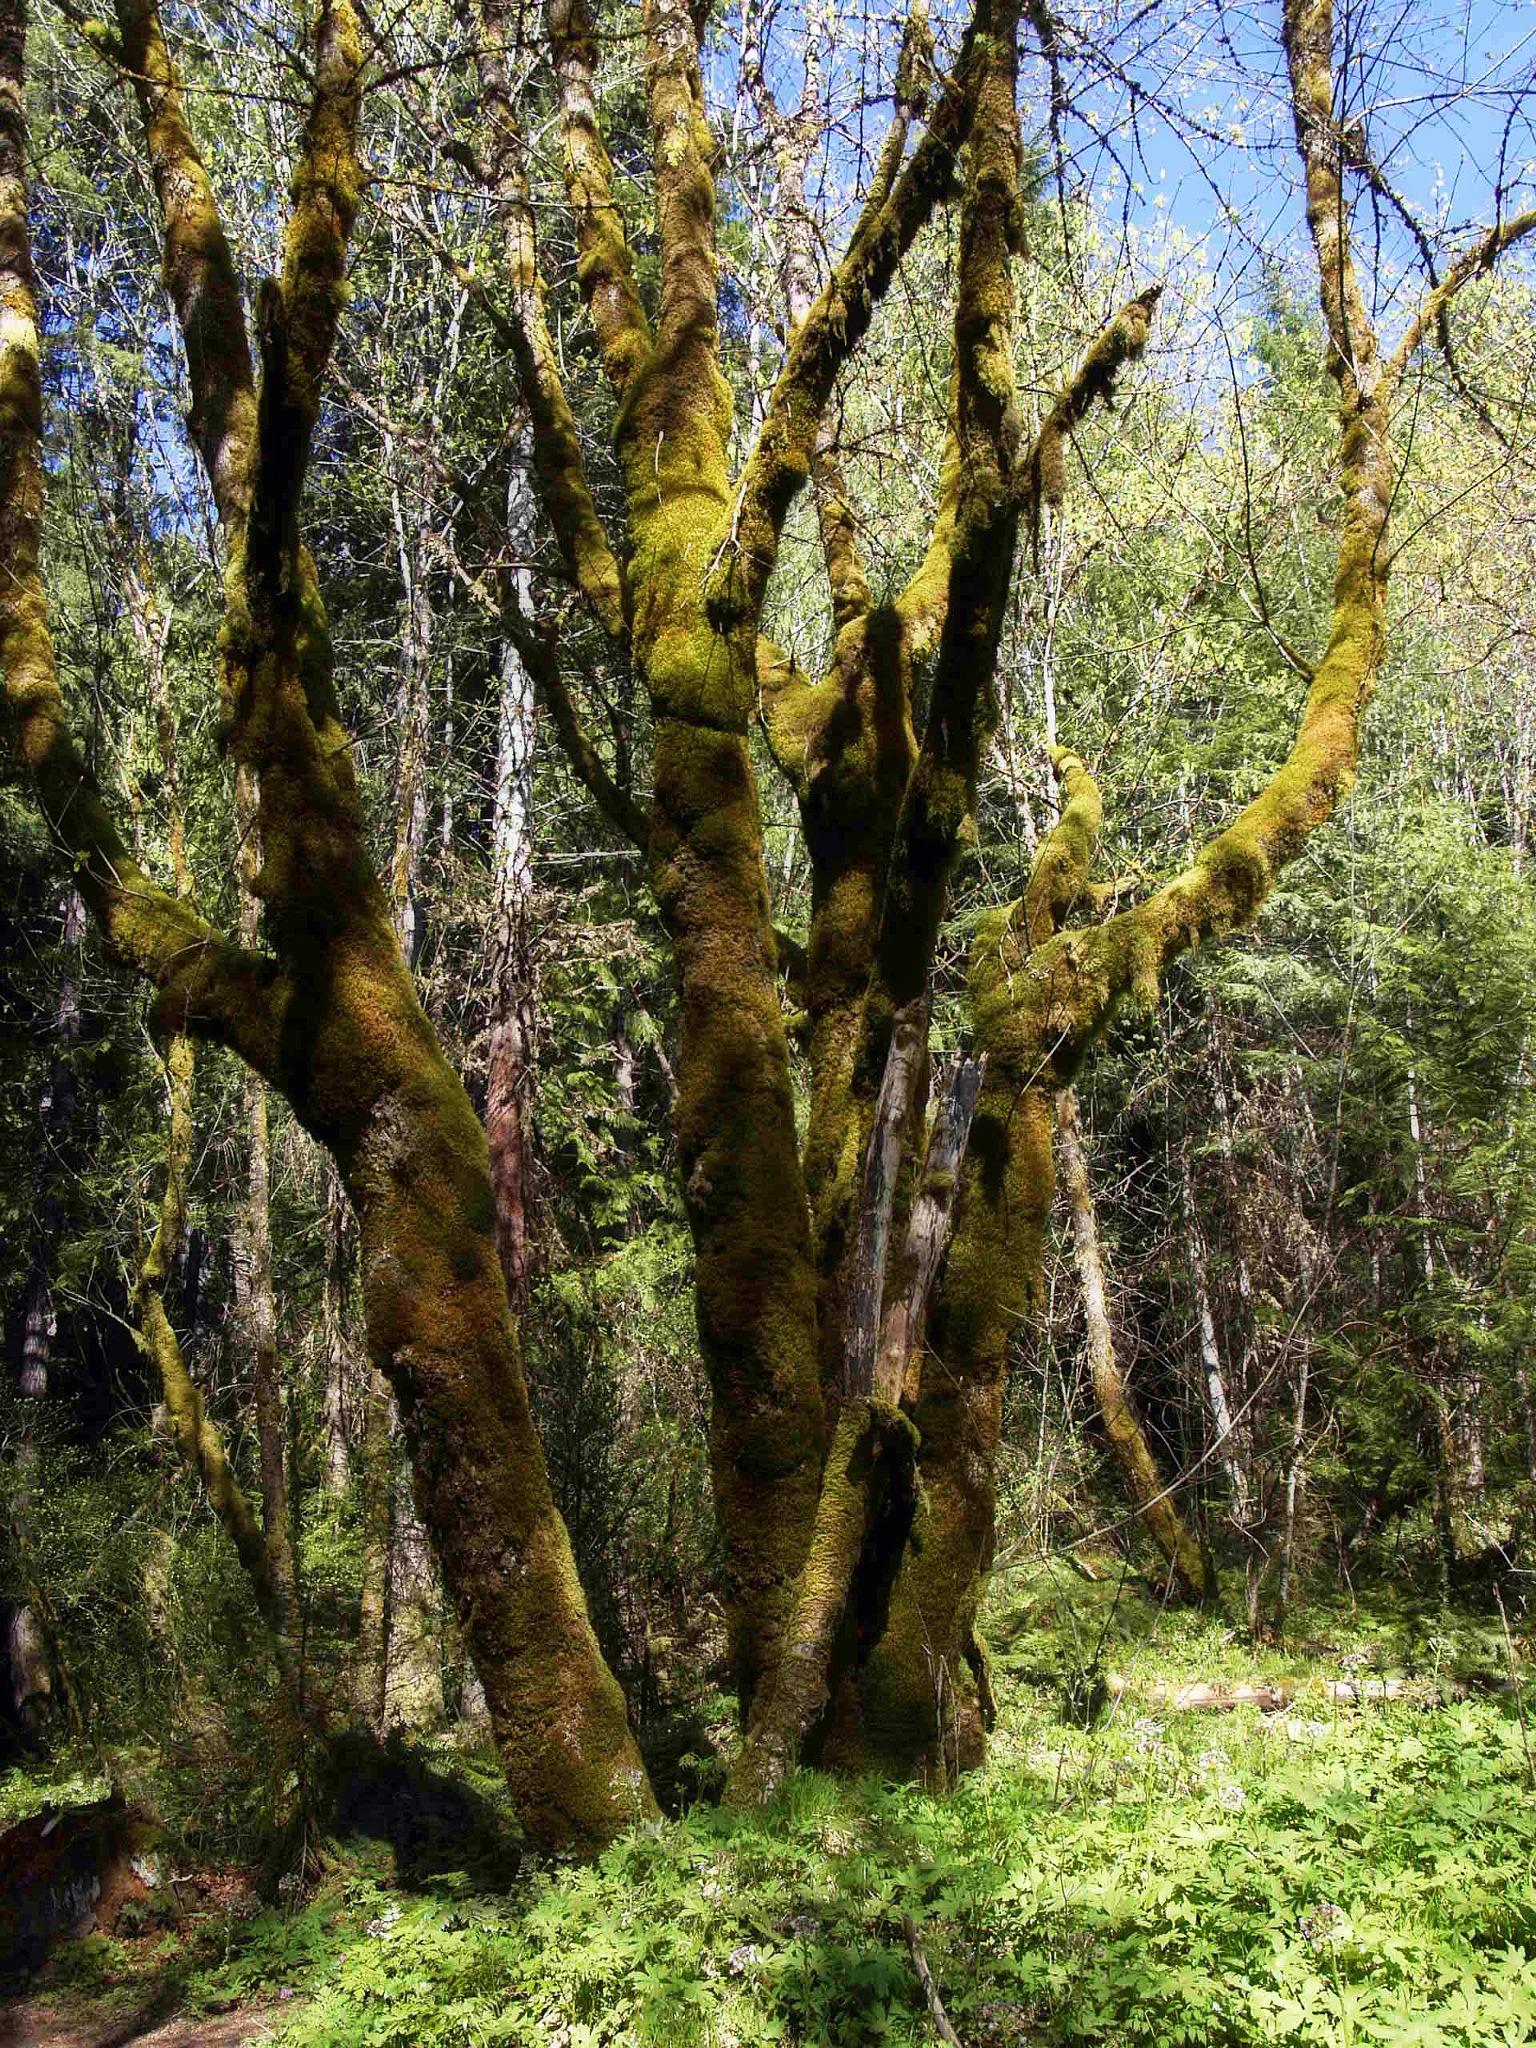 Deep in the Wood by Brigitte Werner